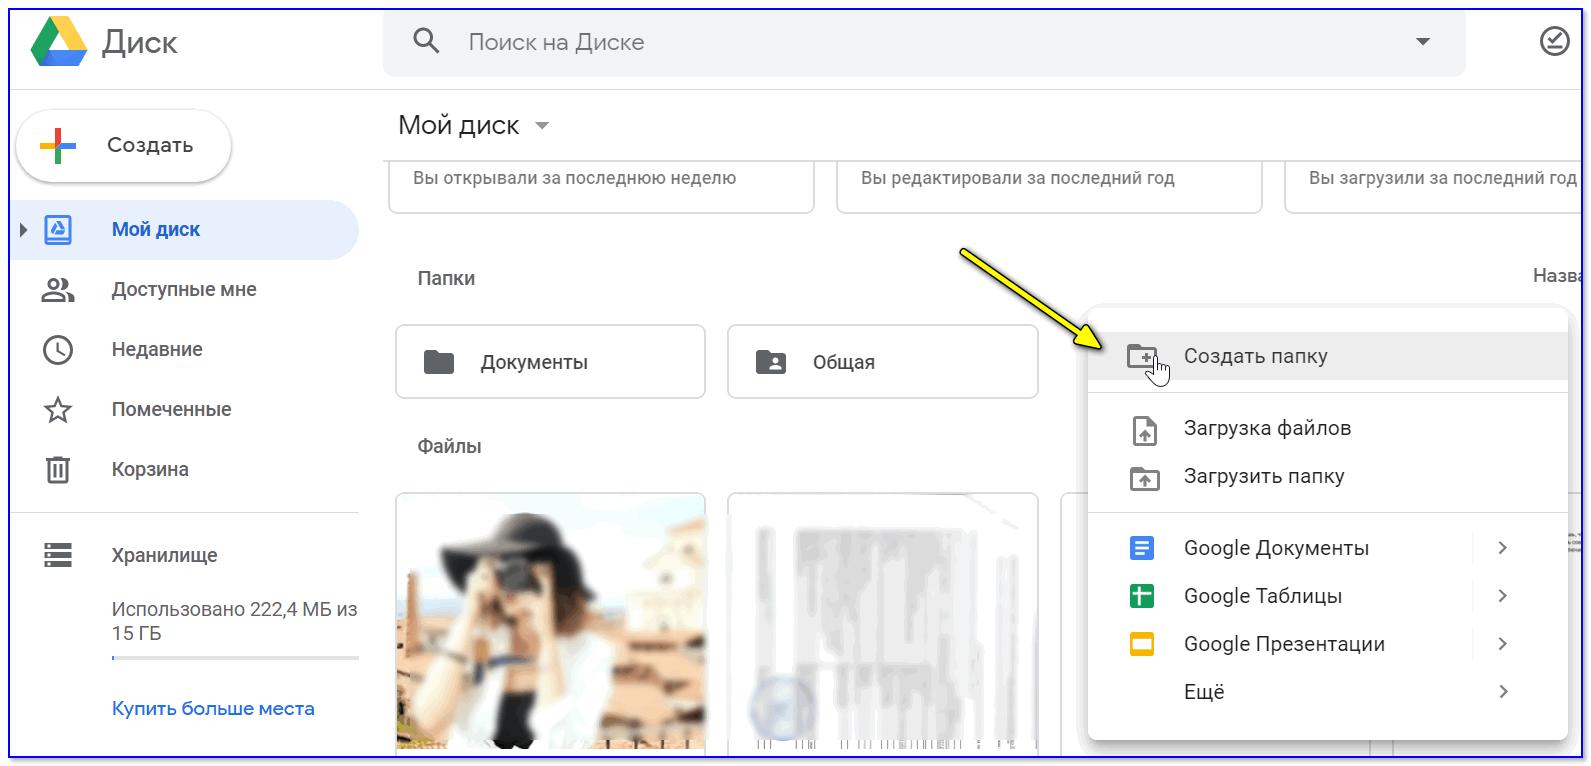 Создать папку - Google Drive